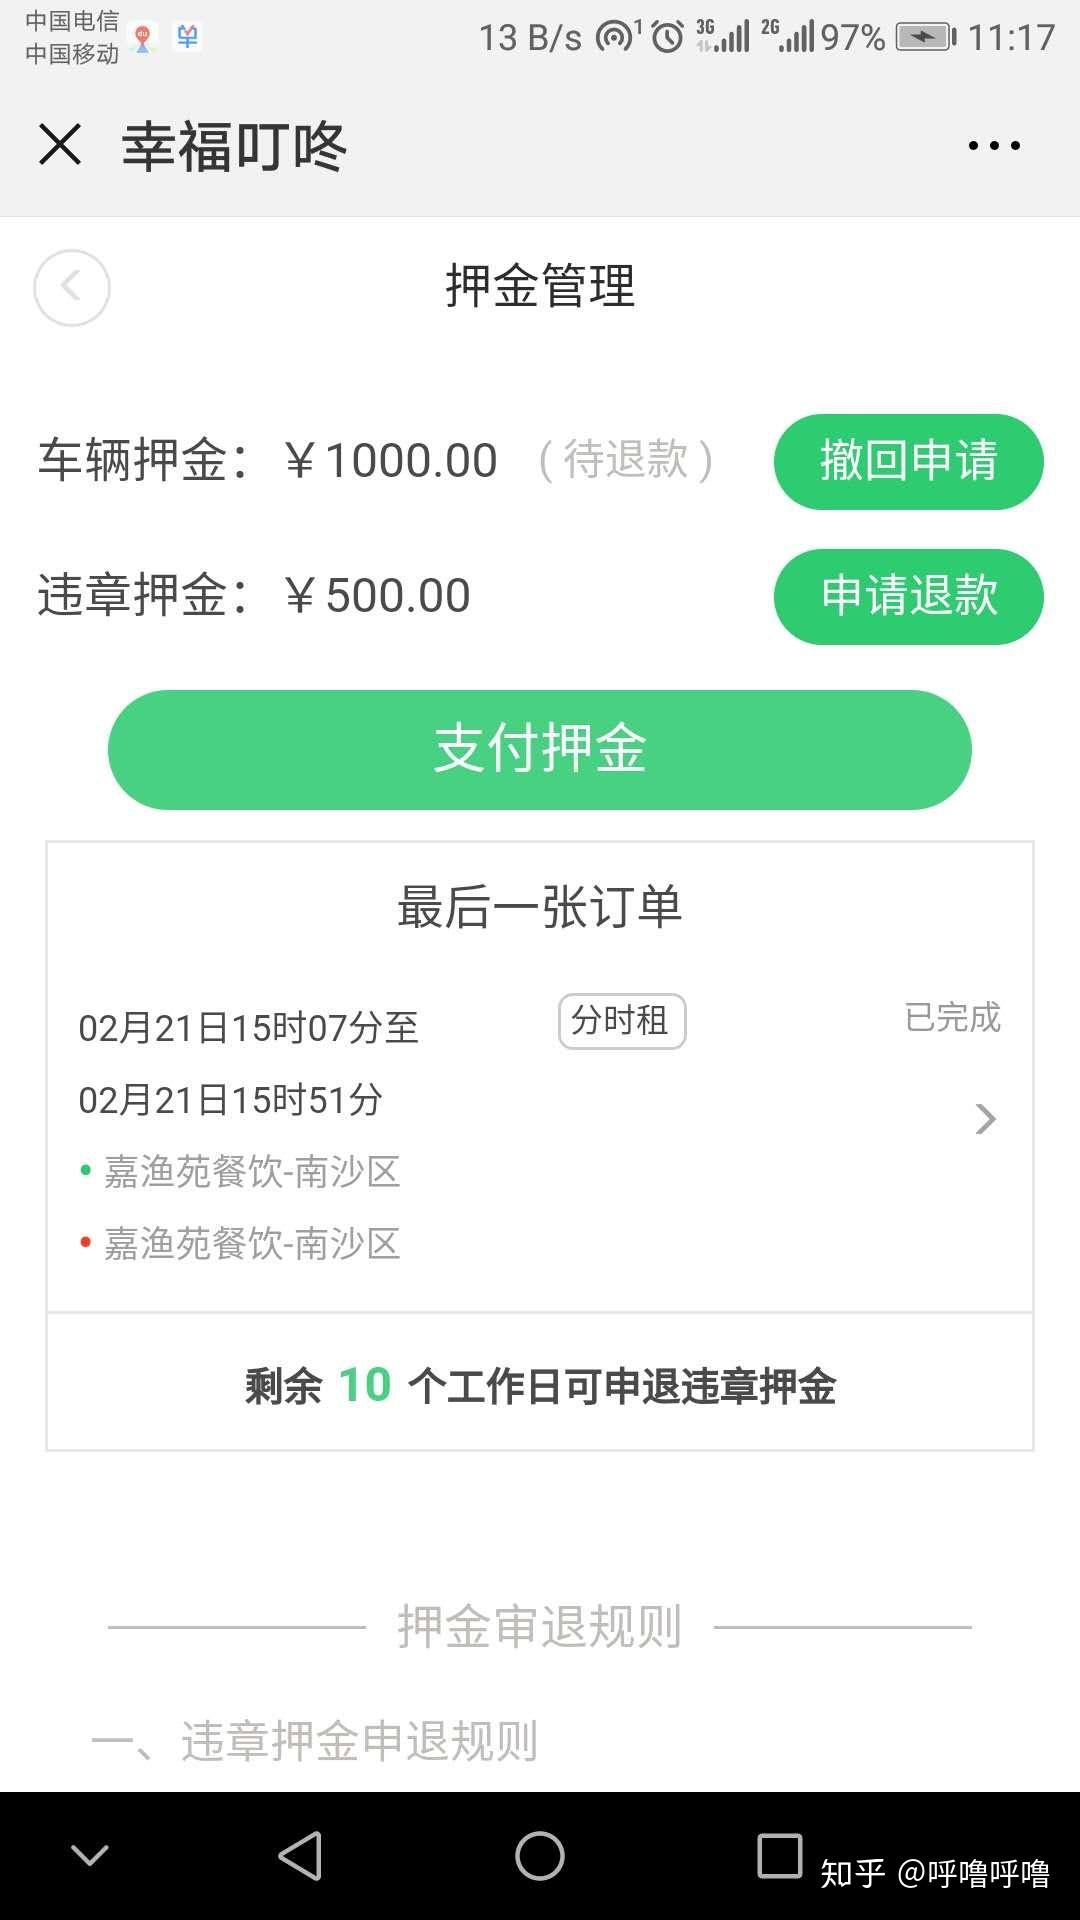 用户申退押金页面。